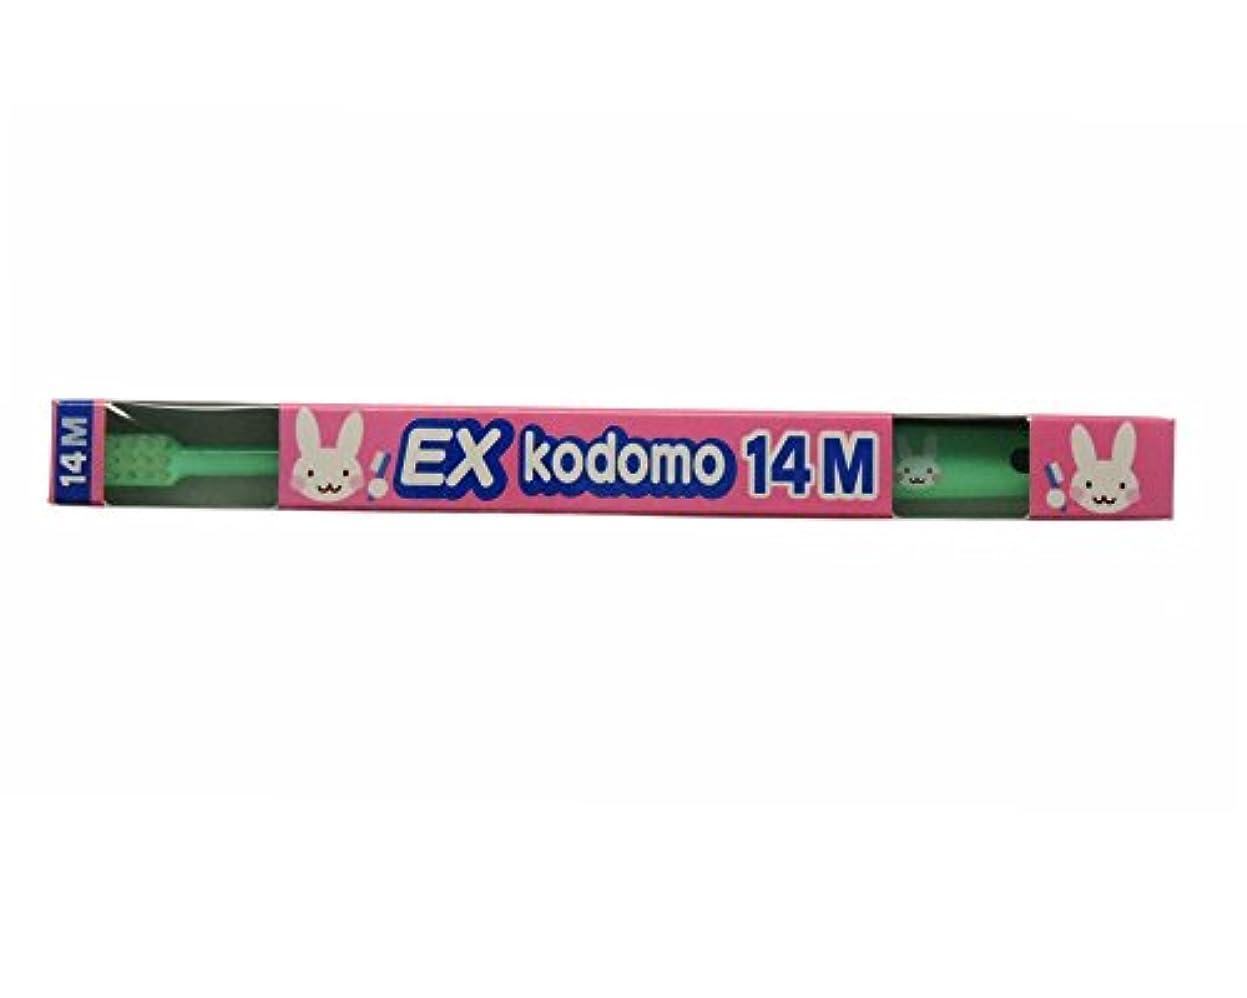 再撮りアンビエント導体DENT.EX kodomo/11M グリーン (混合歯列後期用?8?12歳)